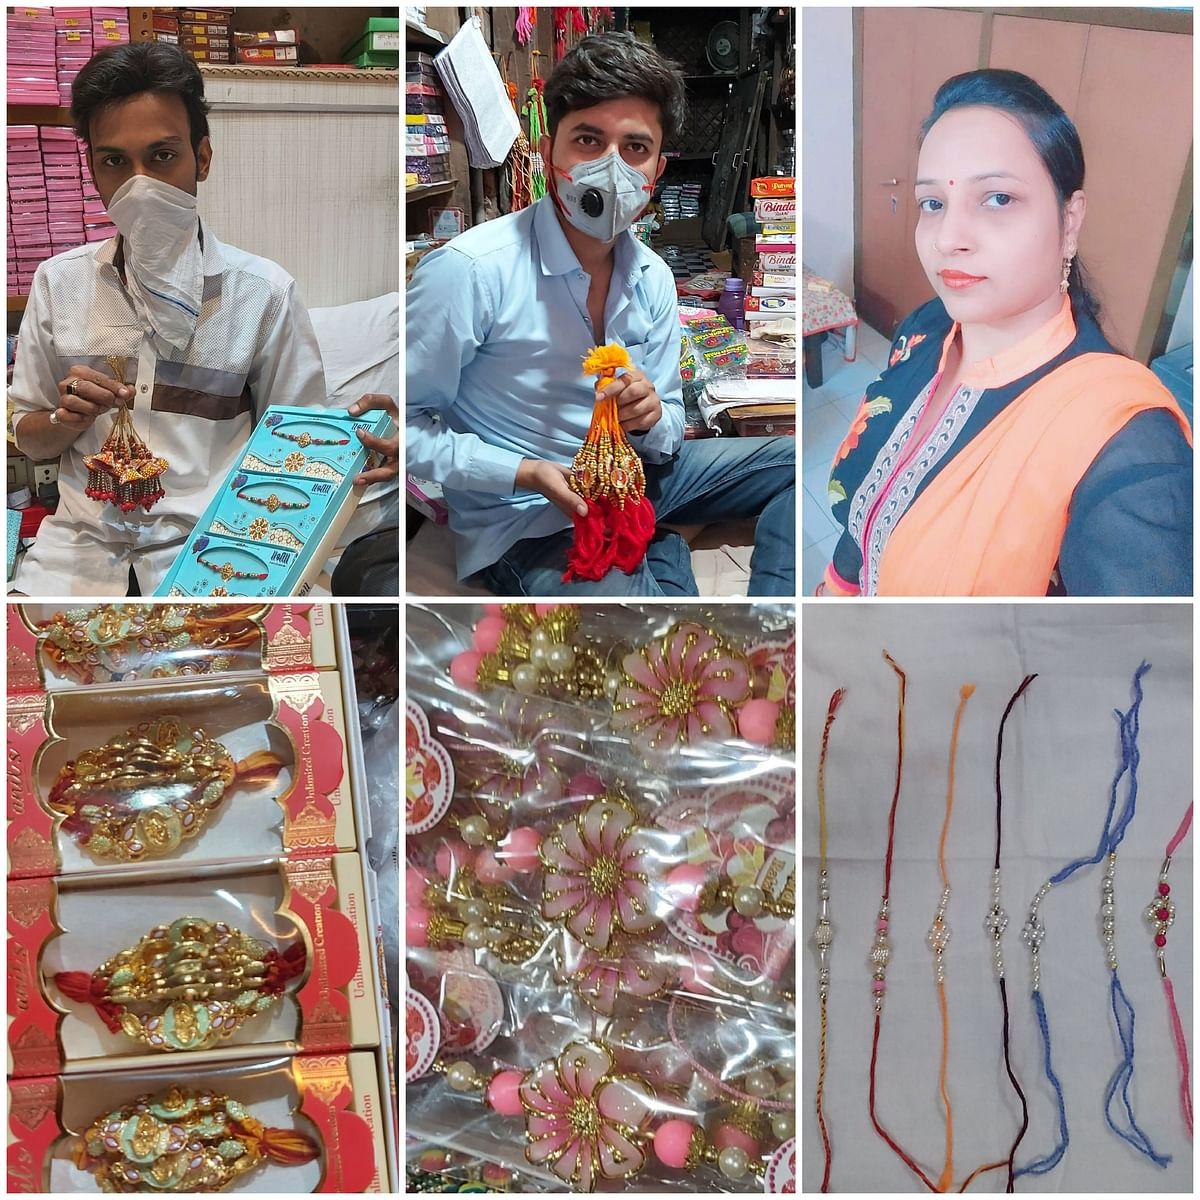 राखी के व्यापार में कोरोना की चोट, गृहिणियों ने घर में बनाई राखियां